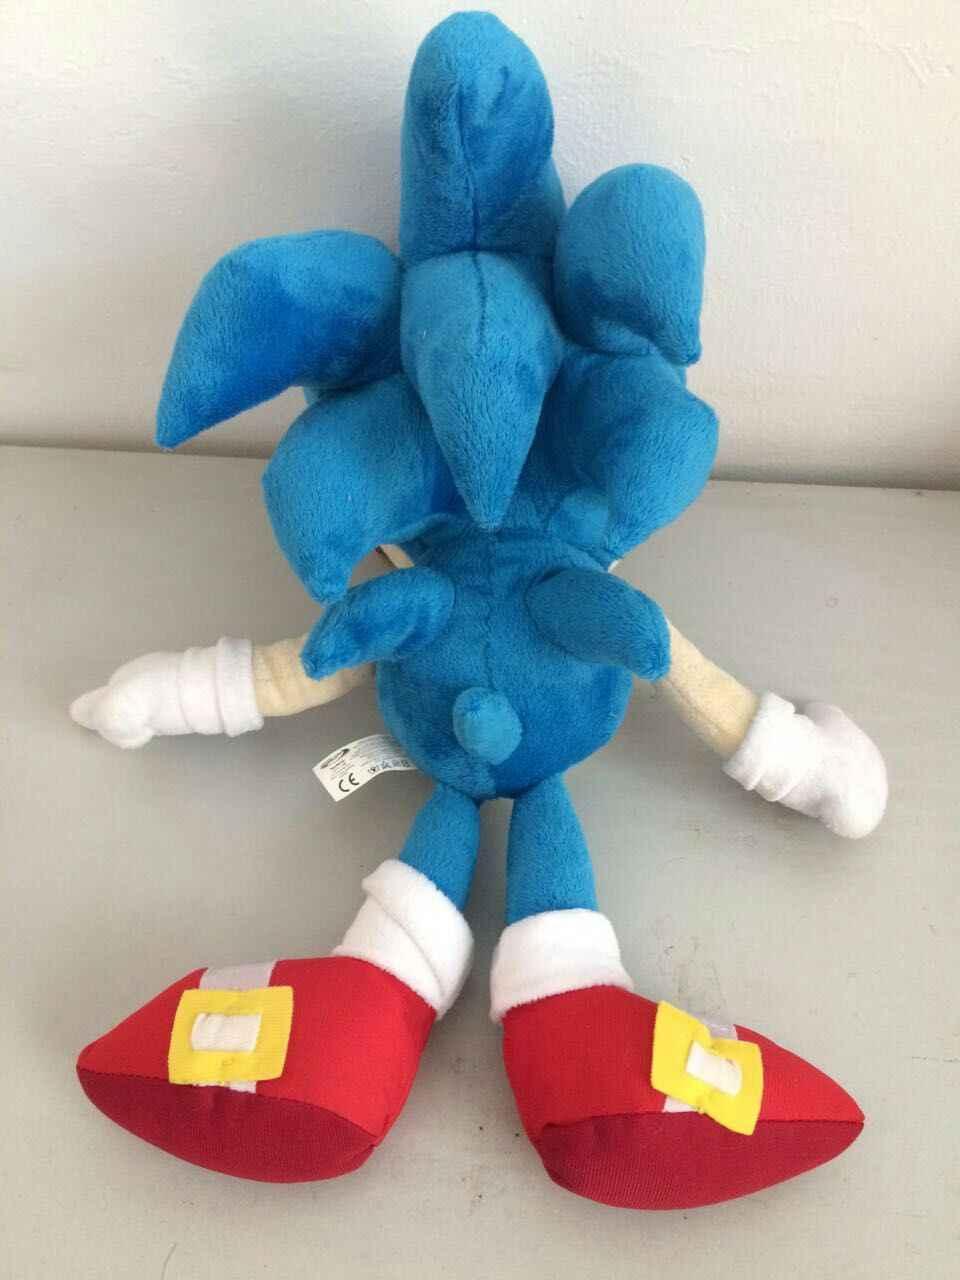 Bonecos de pelúcia do anime, brinquedos de pelúcia do sonic o ouriço, 40cm, azul, sônico, brinquedos de pelúcia, bonecos para crianças, presentes do bebê meninos grandes brinquedos macios para crianças